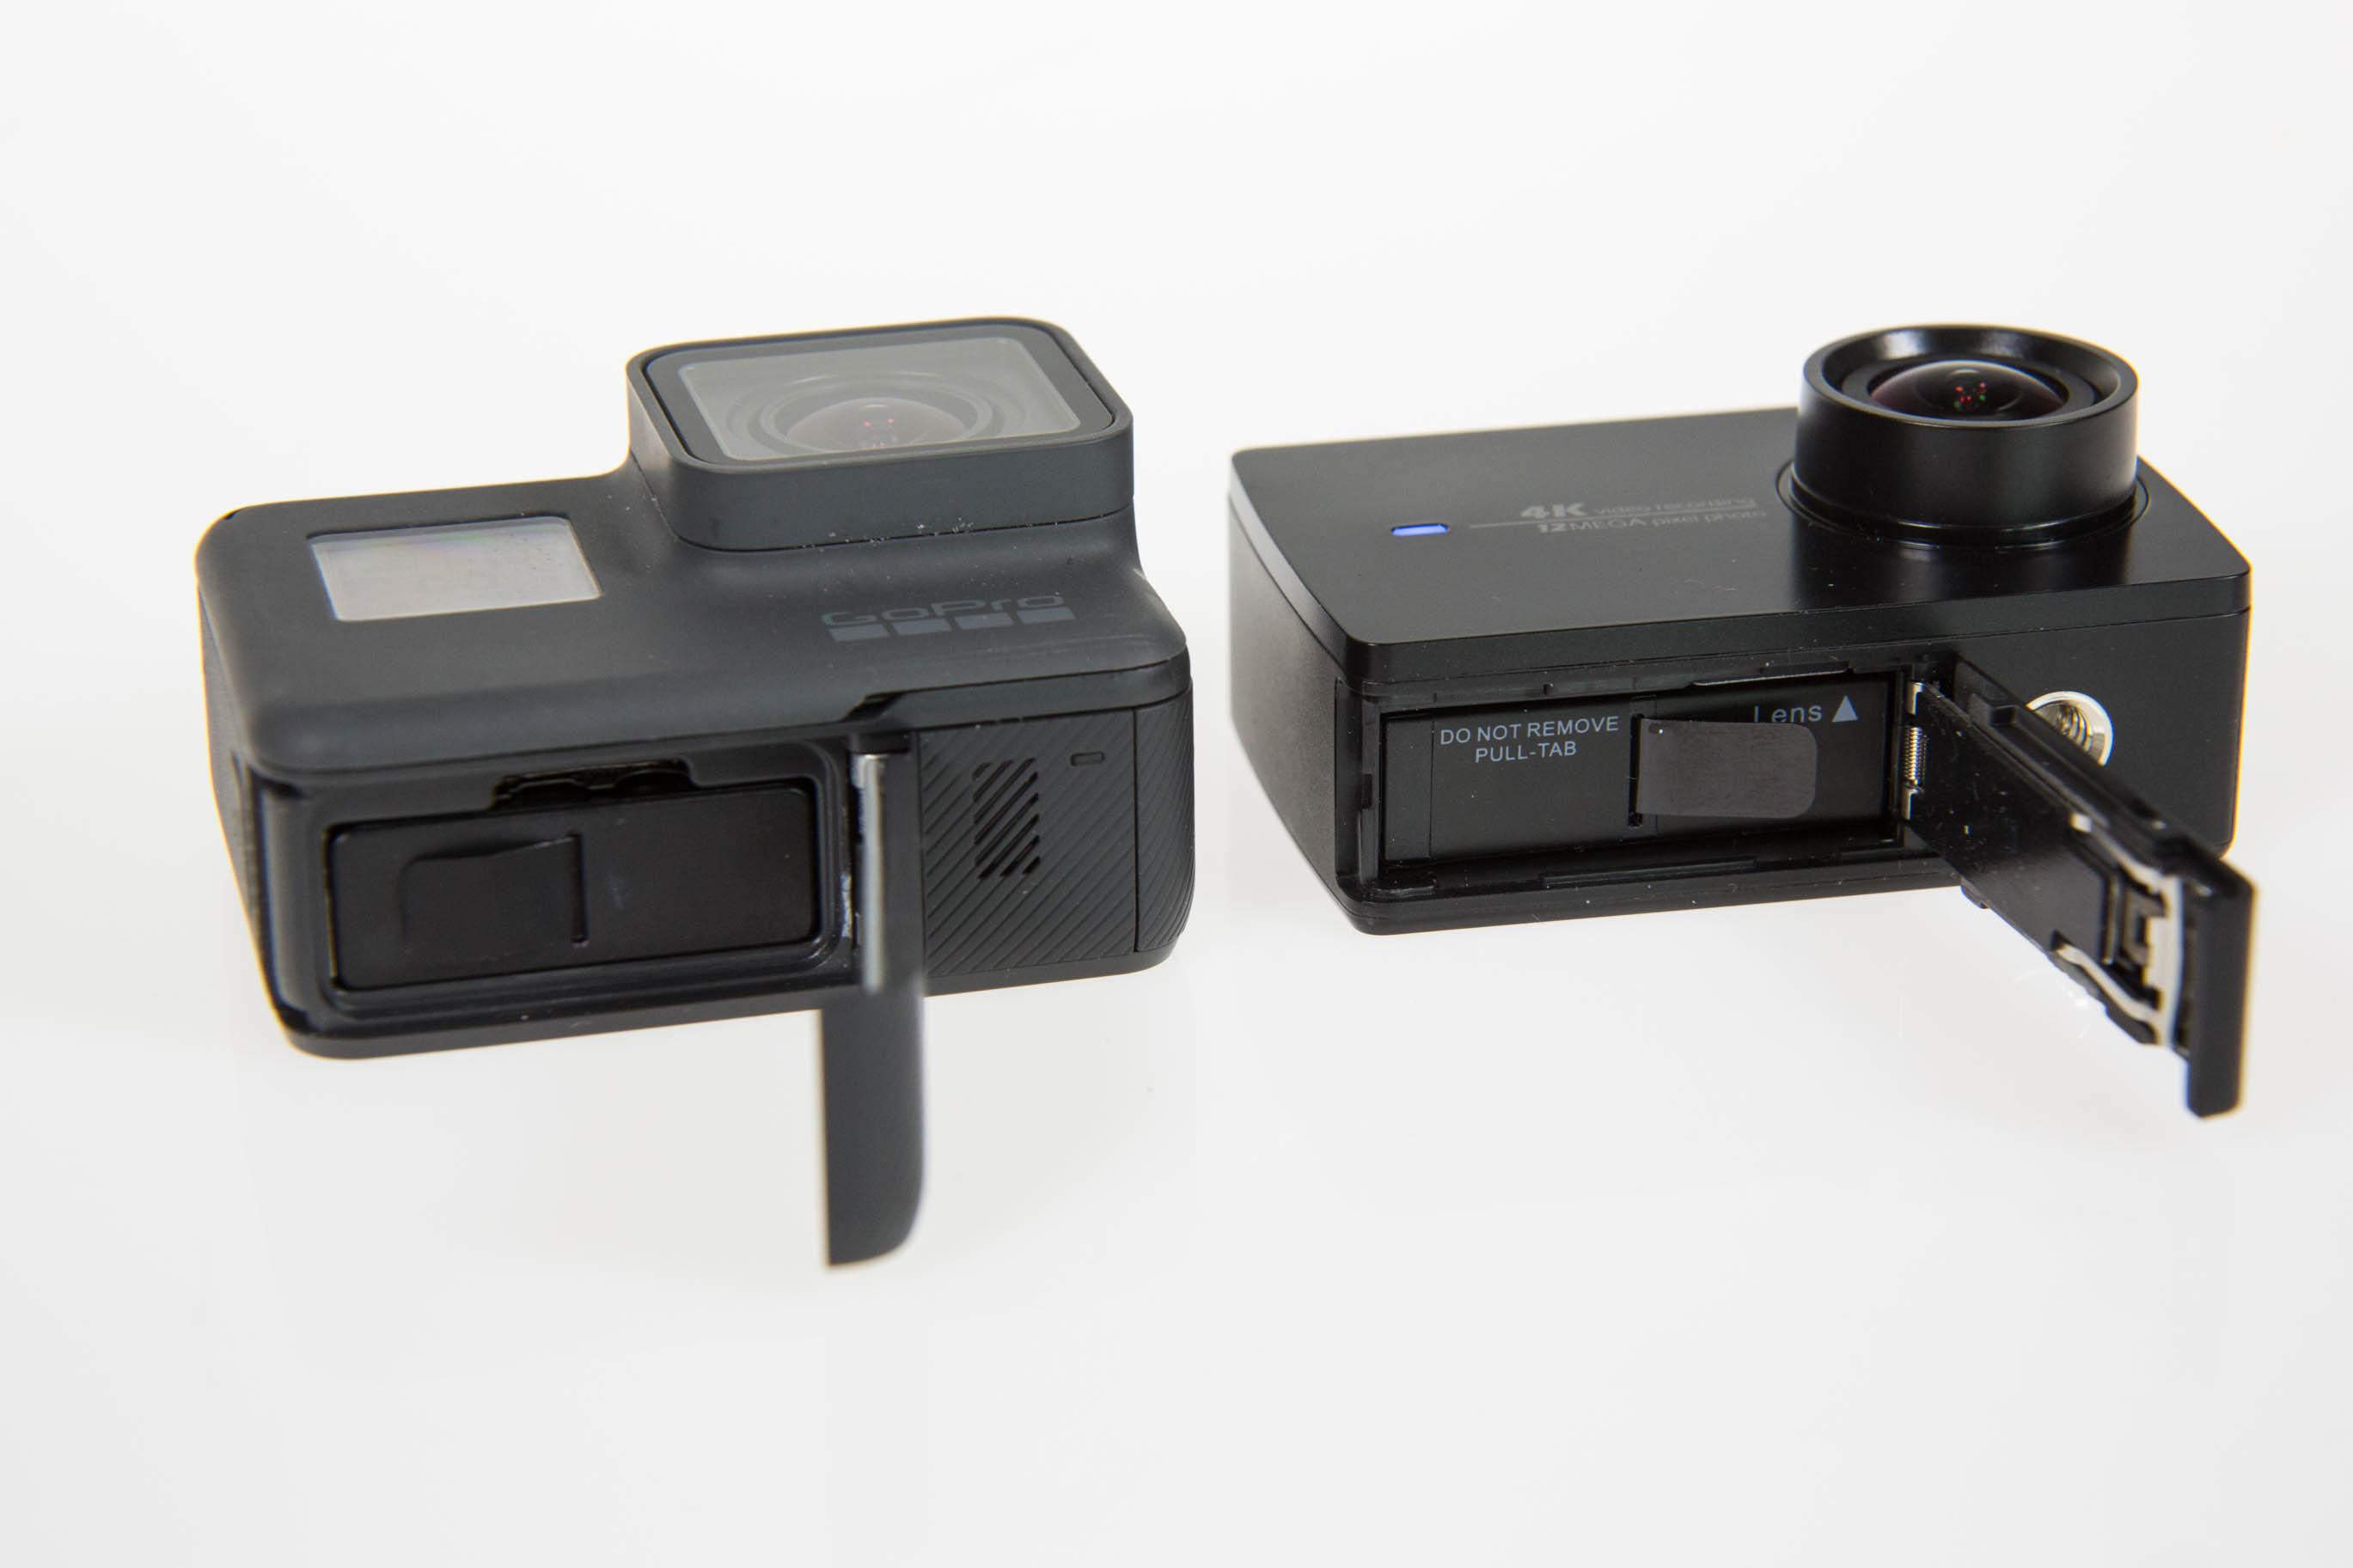 Gopro Hero 5 vs. Yi 4K Action Camera: Gute Bilder reichen nicht mehr - Der Akku ist bei beiden Kameras wechselbar. (Bild: Martin Wolf/Golem.de)